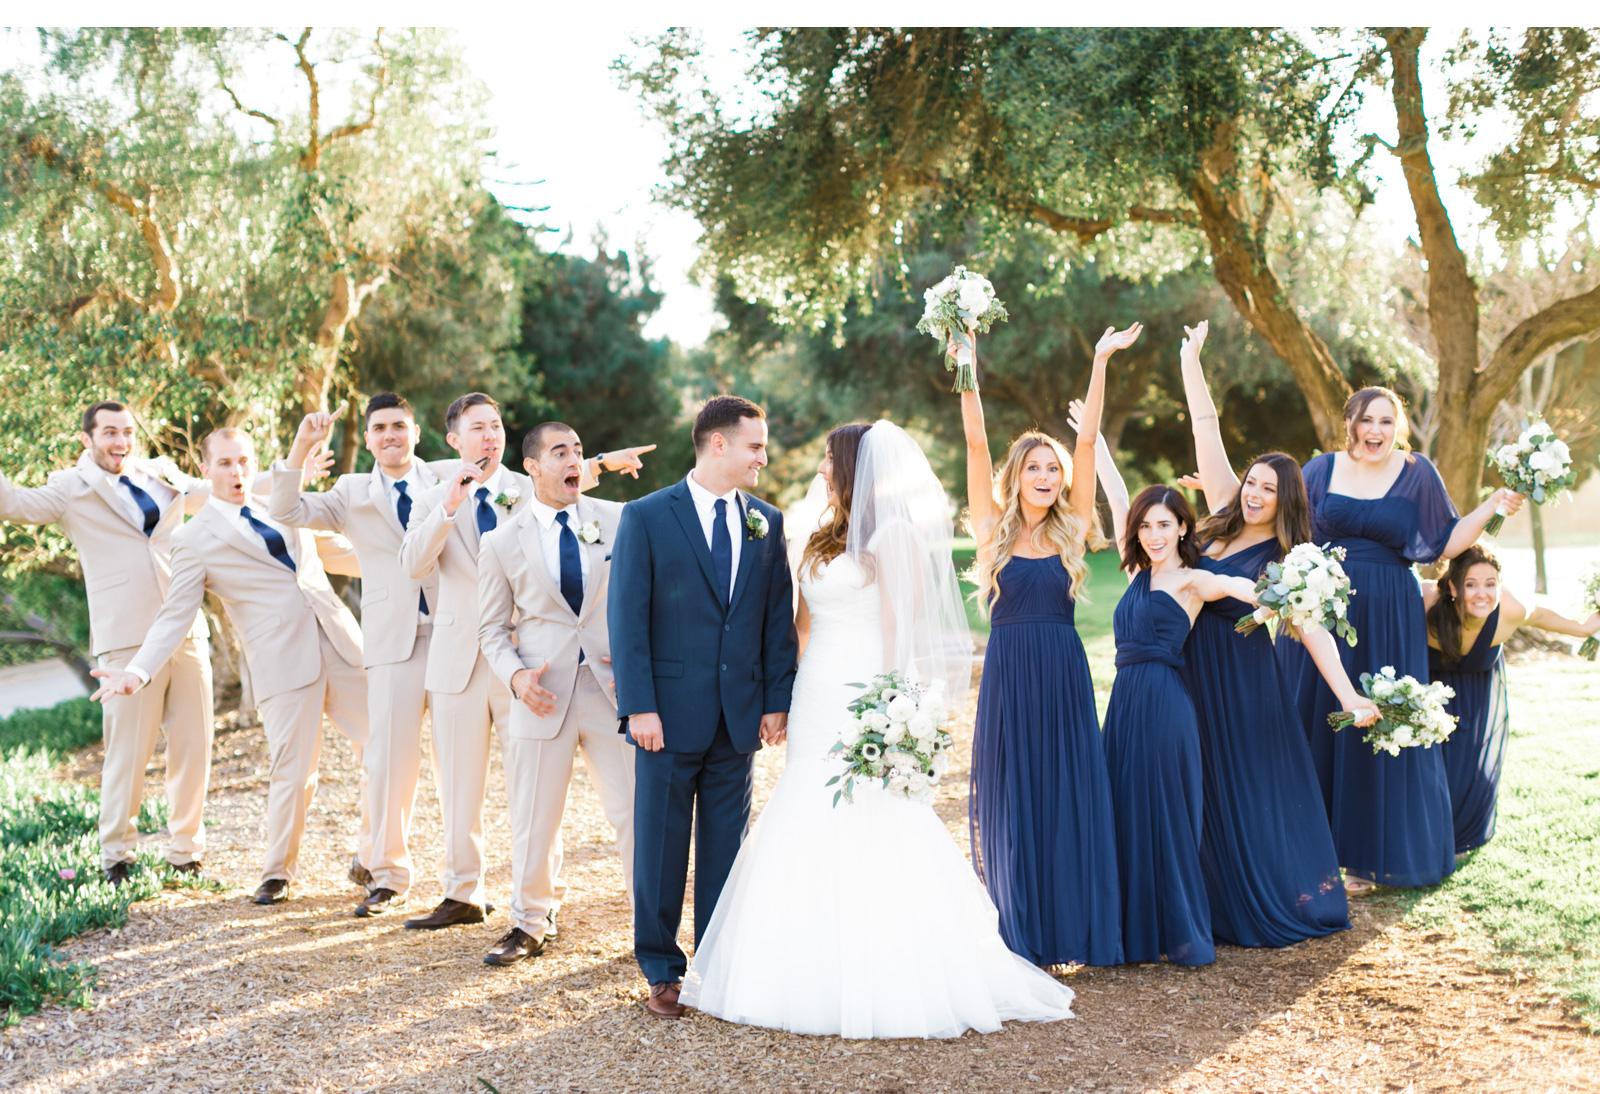 Manhattan-Beach-Wedding-Natalie-Schutt-Photography_03.jpg